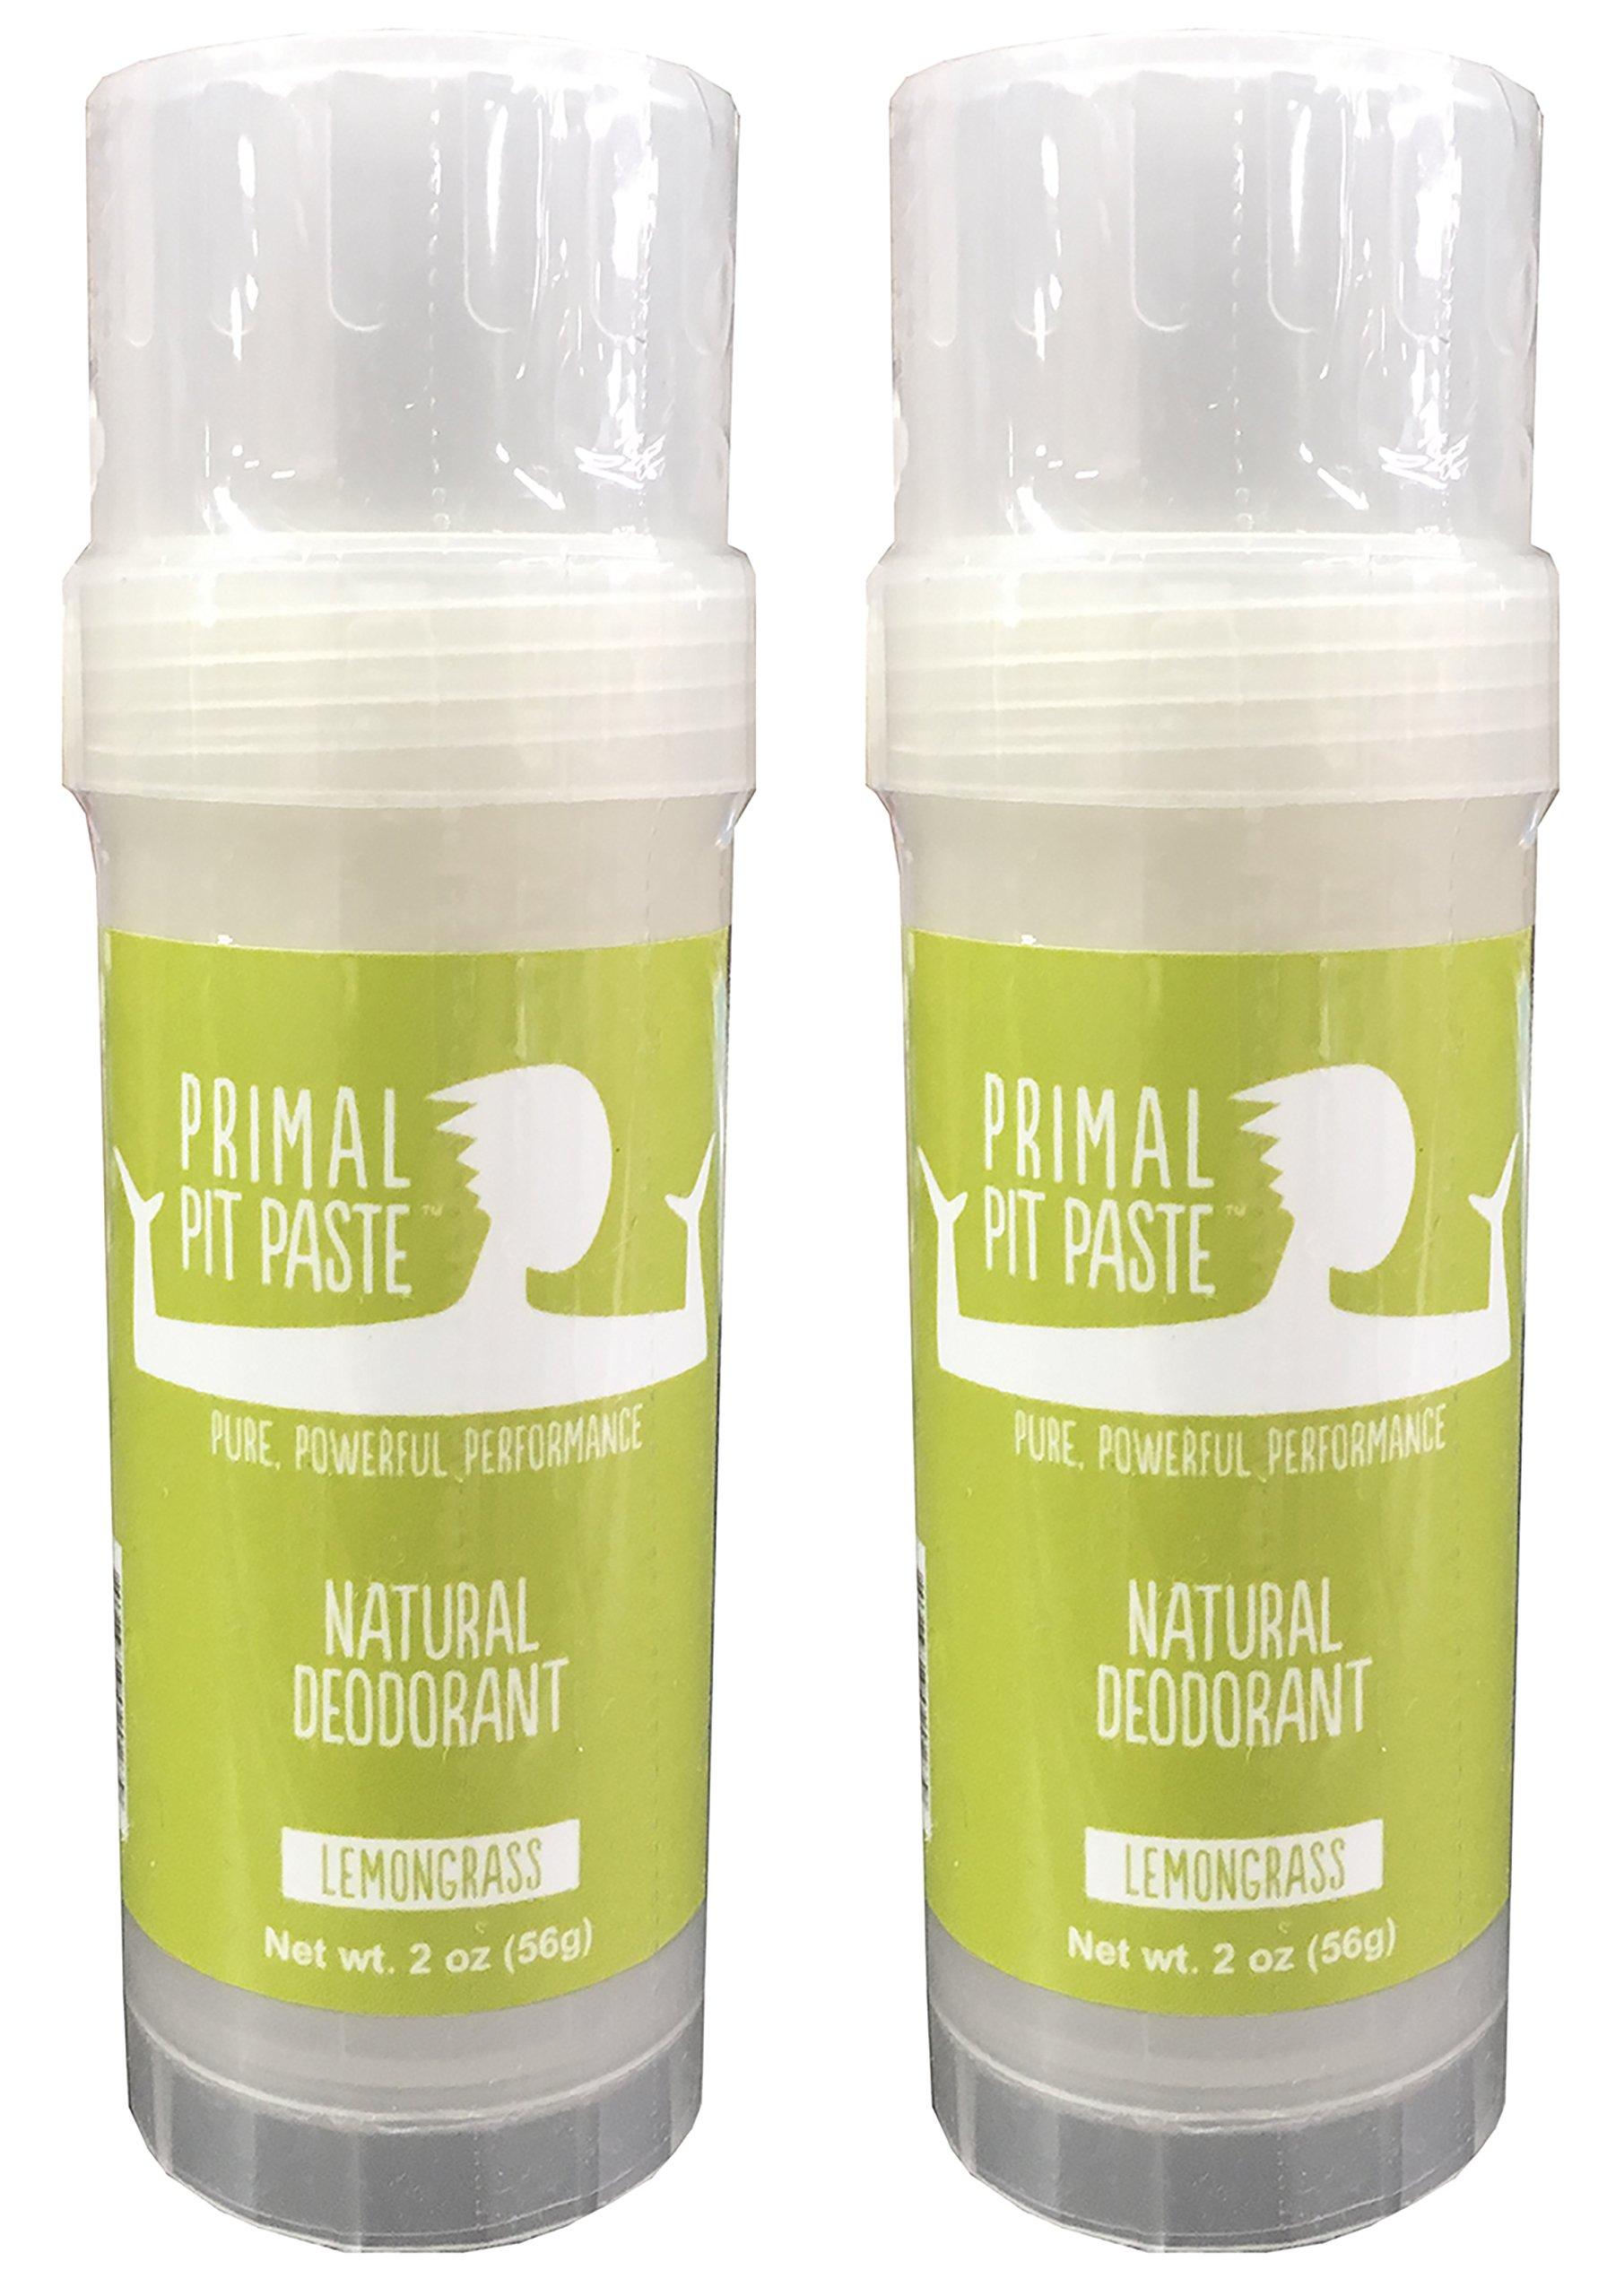 Primal Pit Paste Natural Deodorant Lemongrass Pack of 2